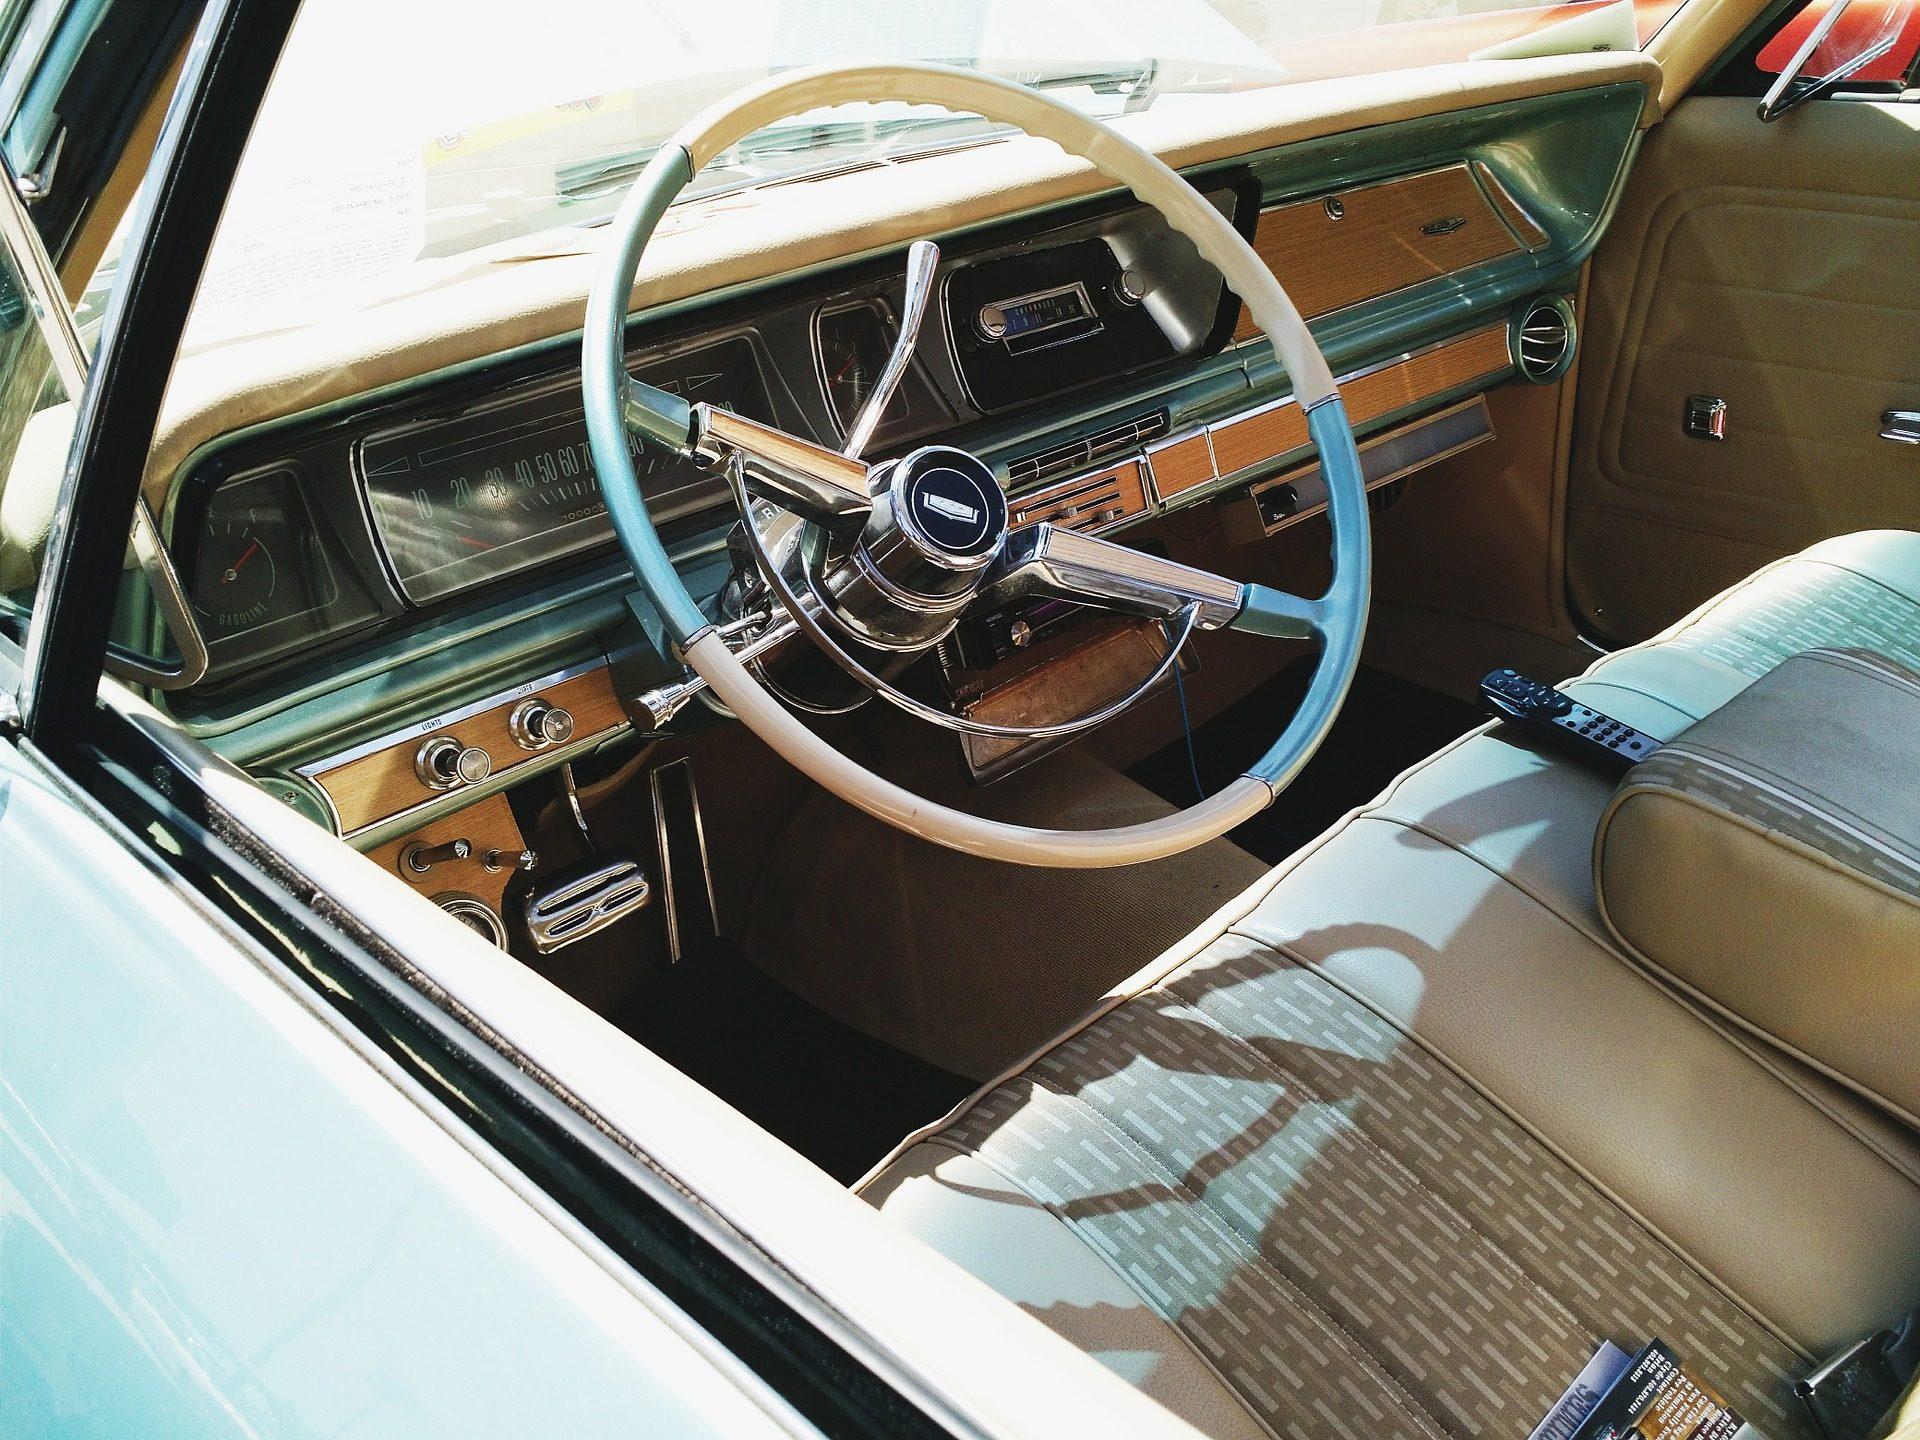 عجلة القيادة, لوحة المعلومات, سيارات, القديمة, خمر - خلفيات عالية الدقة - أستاذ falken.com